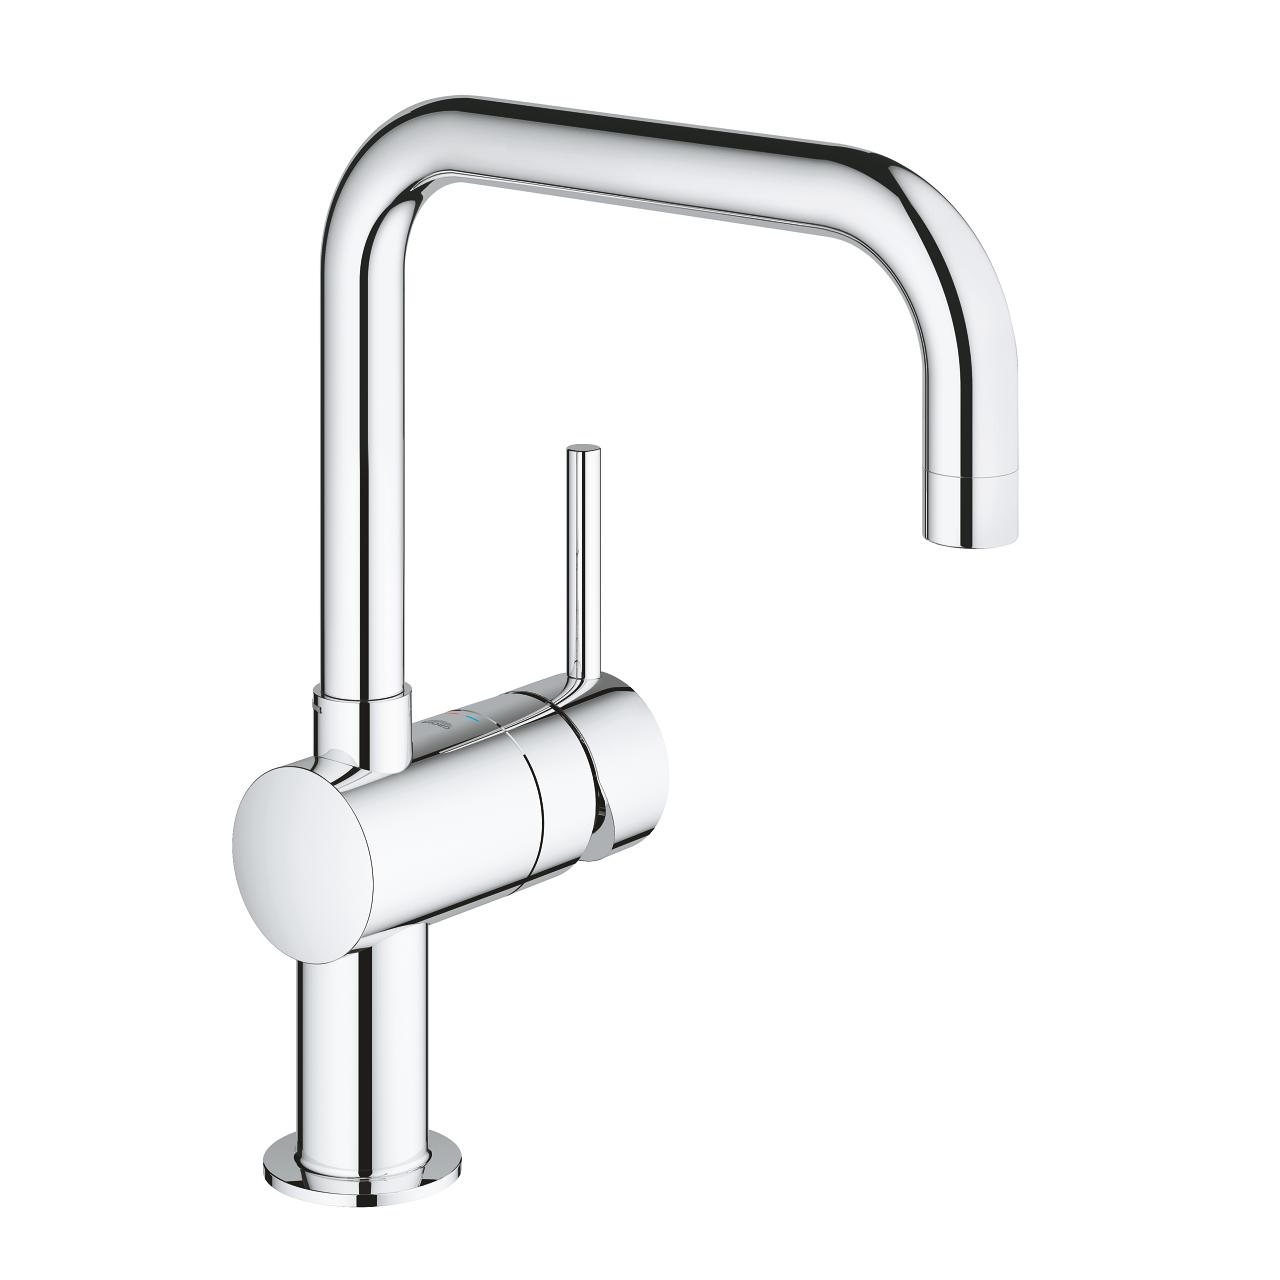 Grohe Minta miscelatore monocomando per lavello cucina con bocca alta  girevole - 32488000